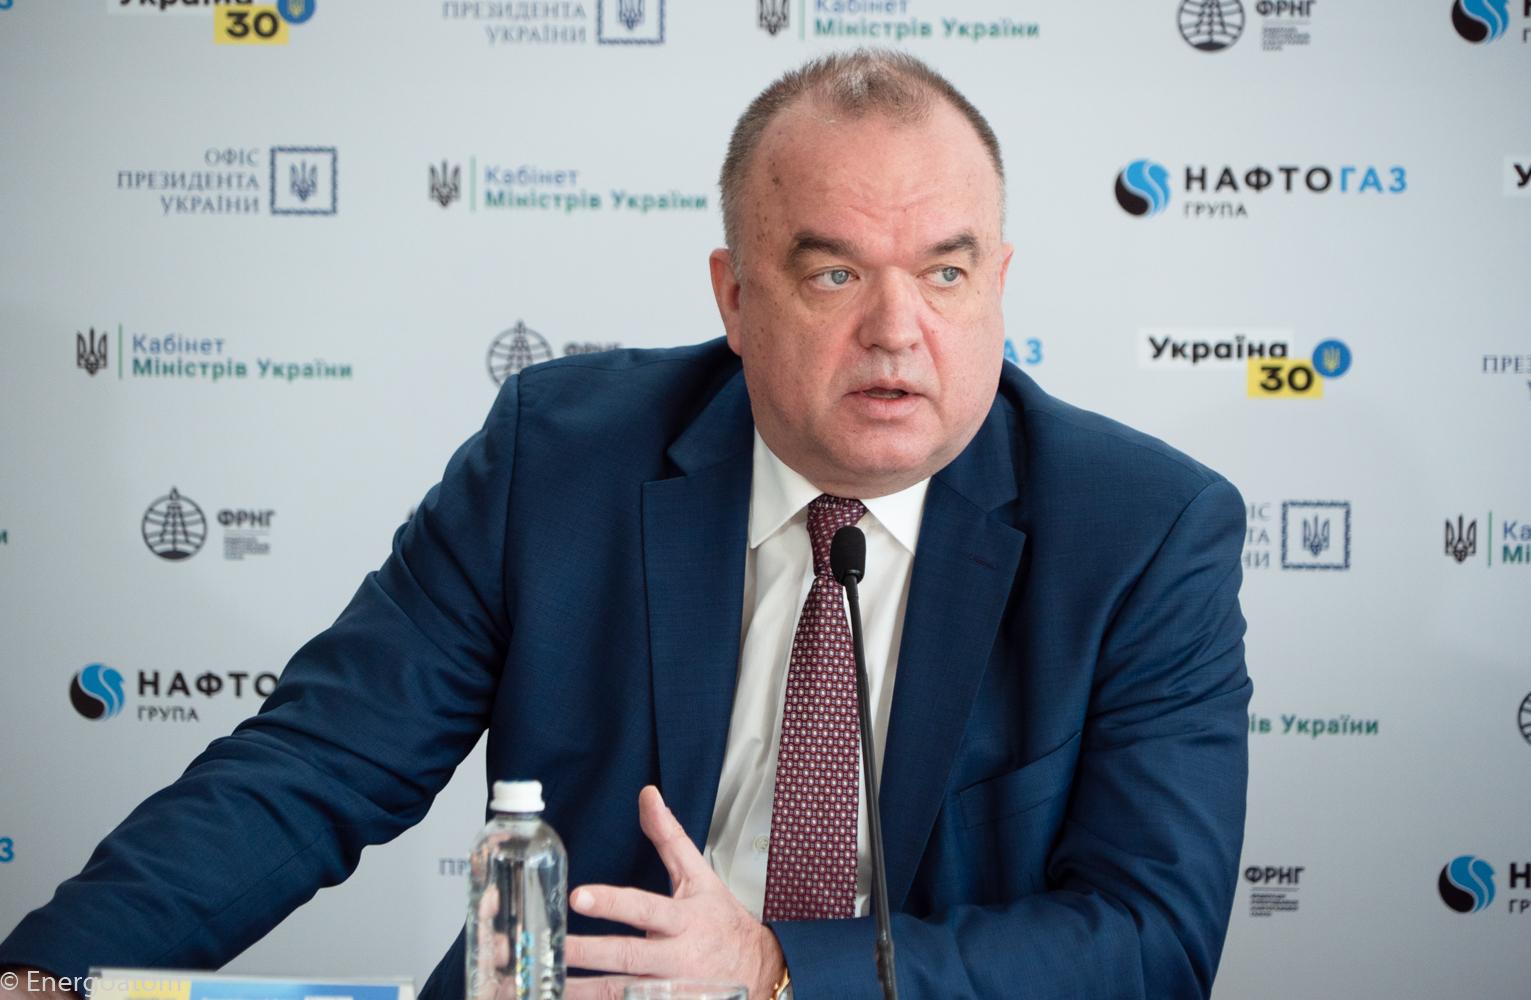 Україна відмовилась від вивезення до Росії відпрацьованого ядерного палива - ядерне паливо, енергетика, АЕС - ENERGOAT2